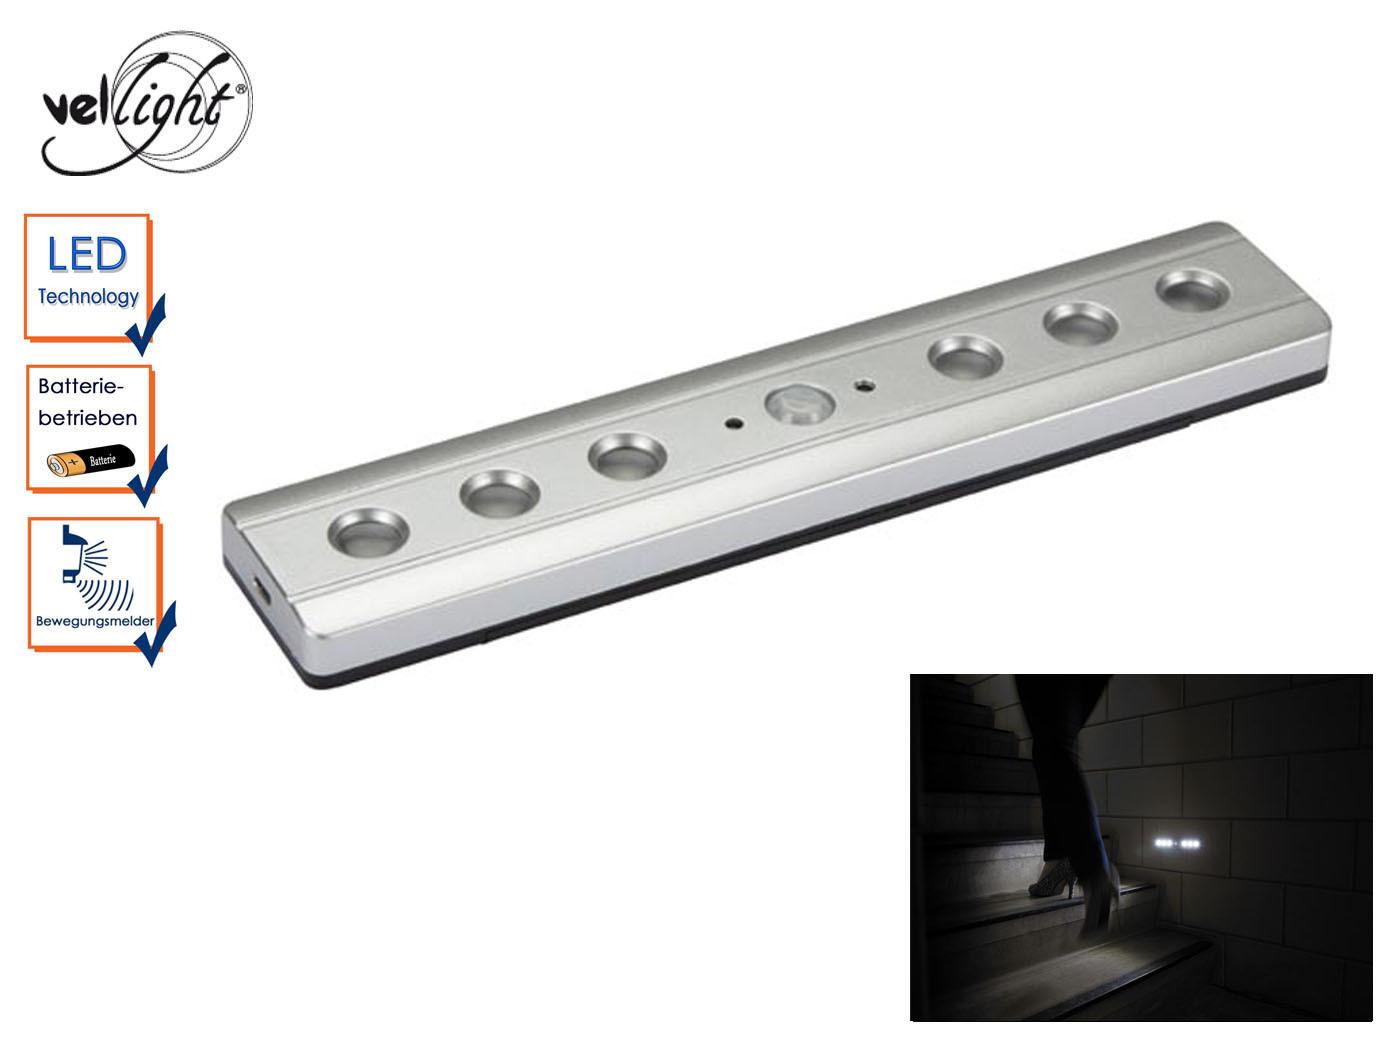 led beleuchtung mit bewegungsmelder treppenbeleuchtung nachtlicht lichtleiste ebay. Black Bedroom Furniture Sets. Home Design Ideas